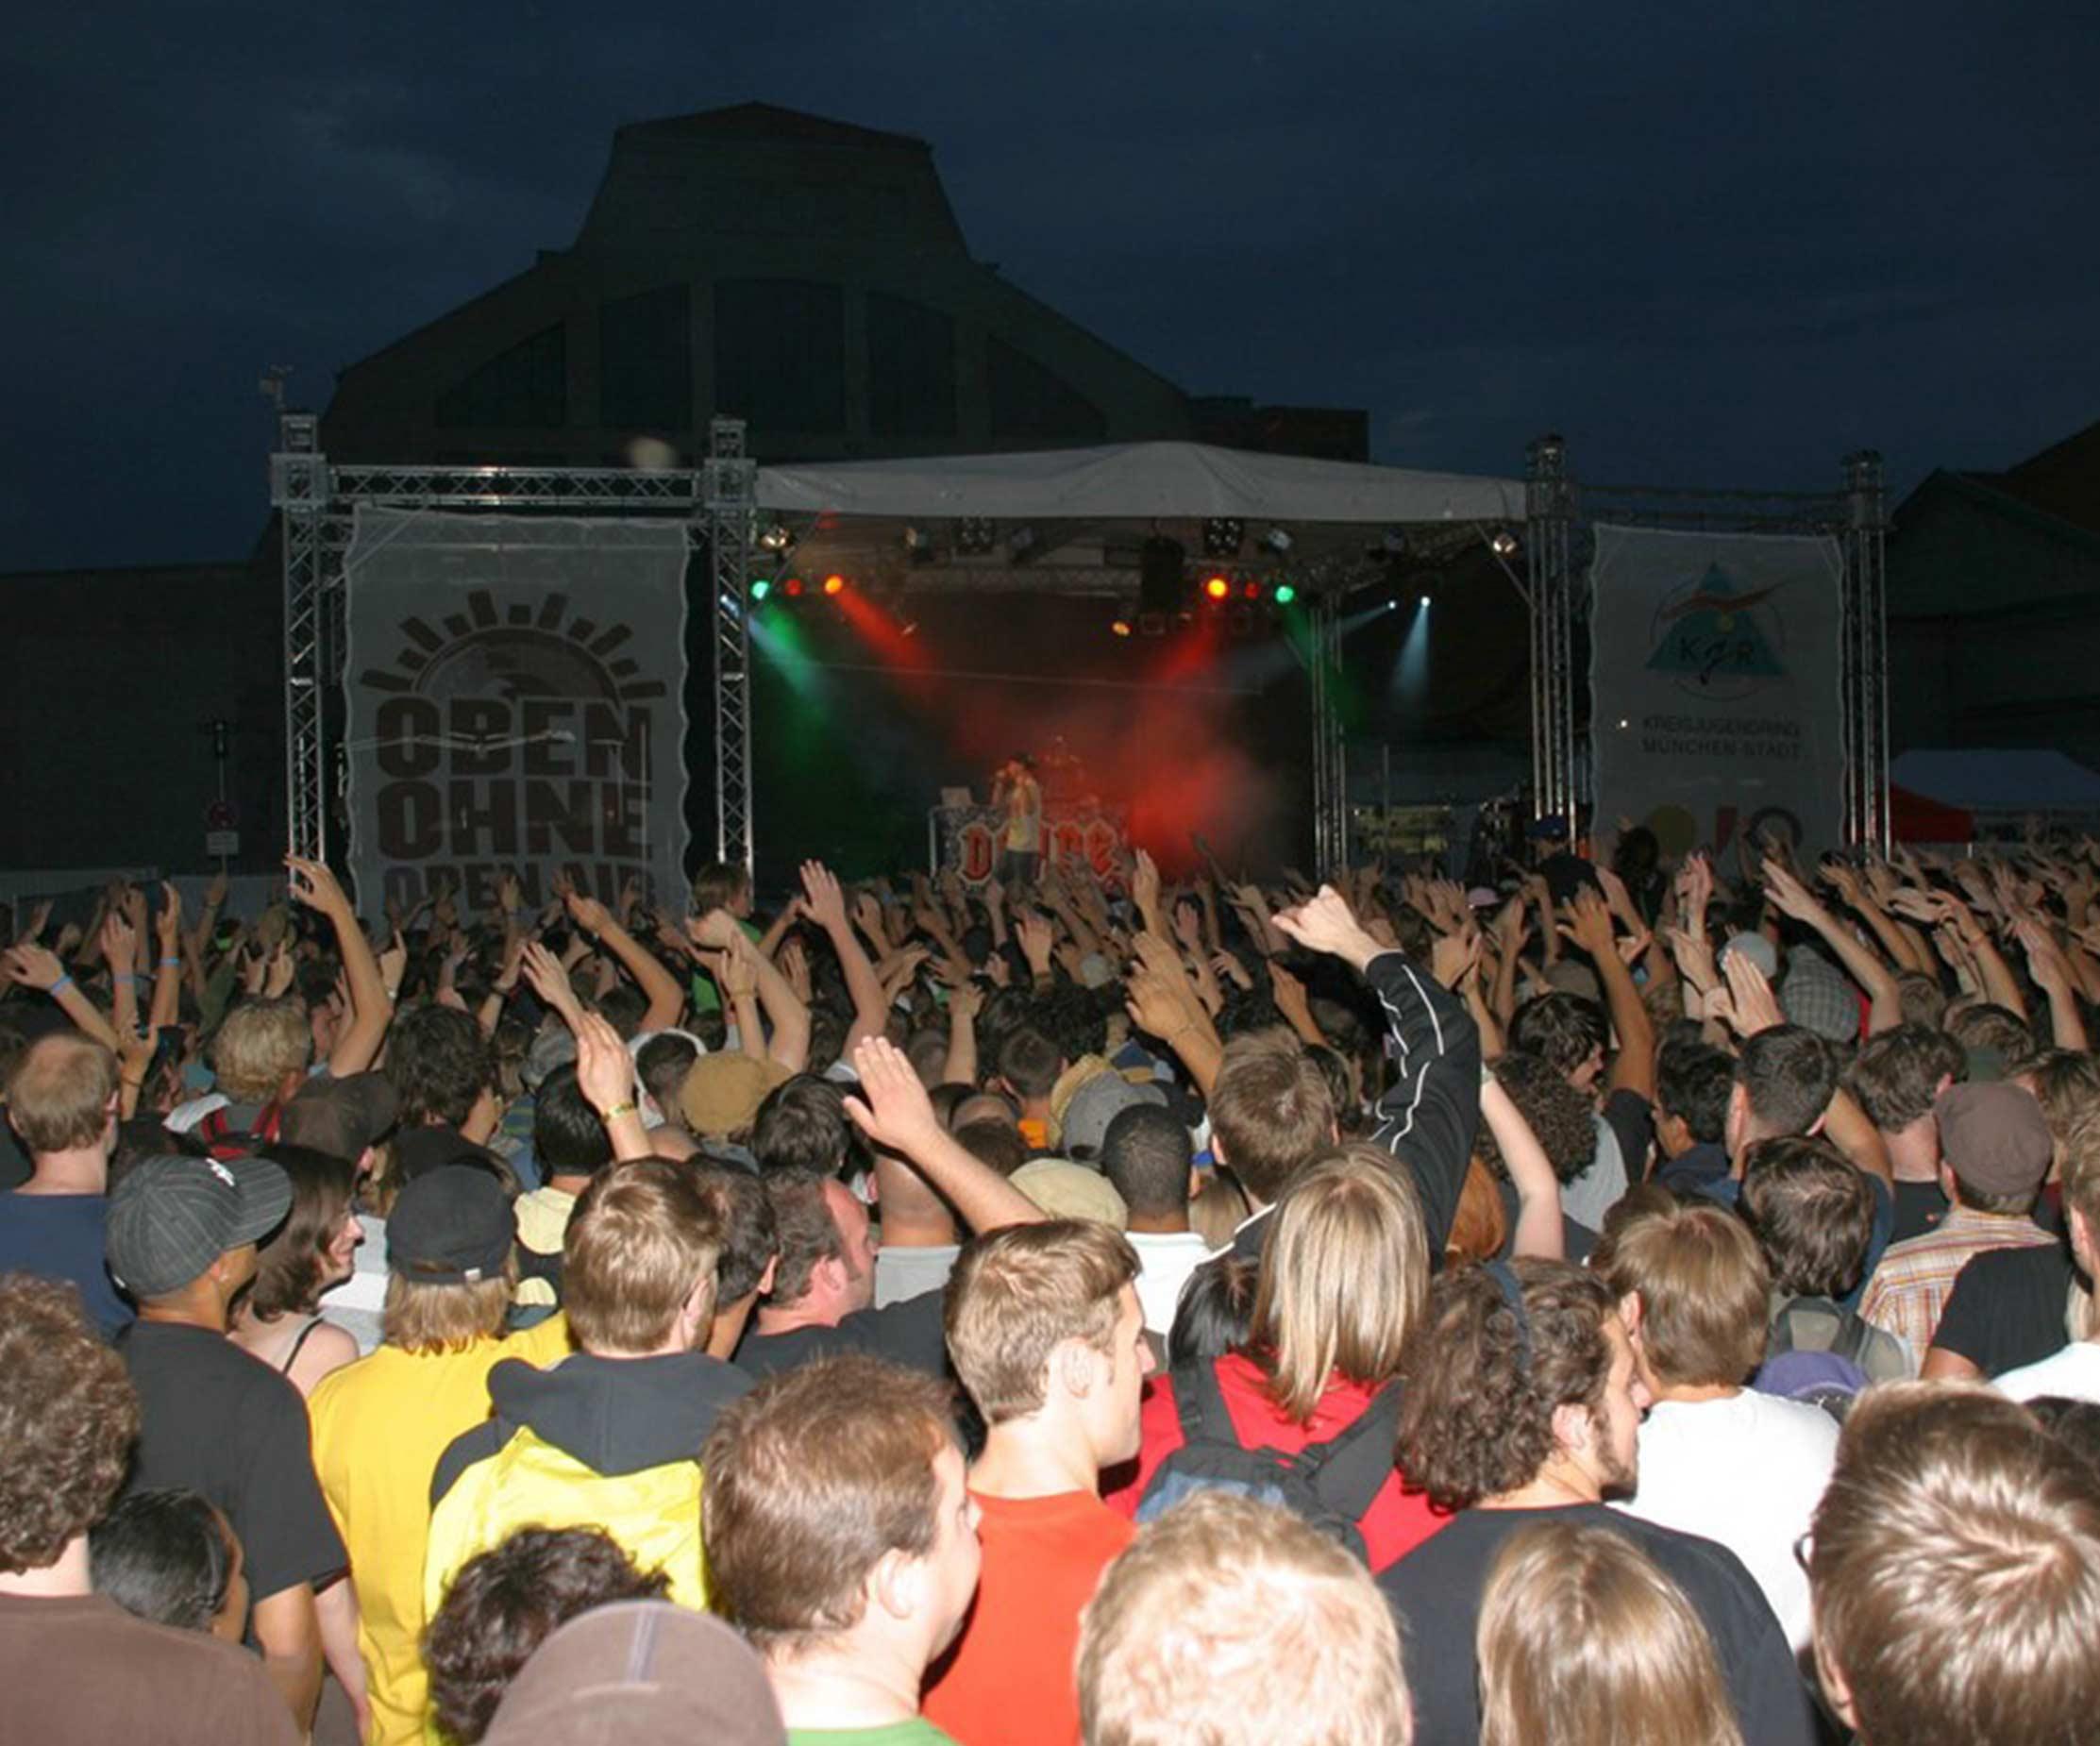 Oben Ohne Festival Muenchen Live Veranstaltung Besucher